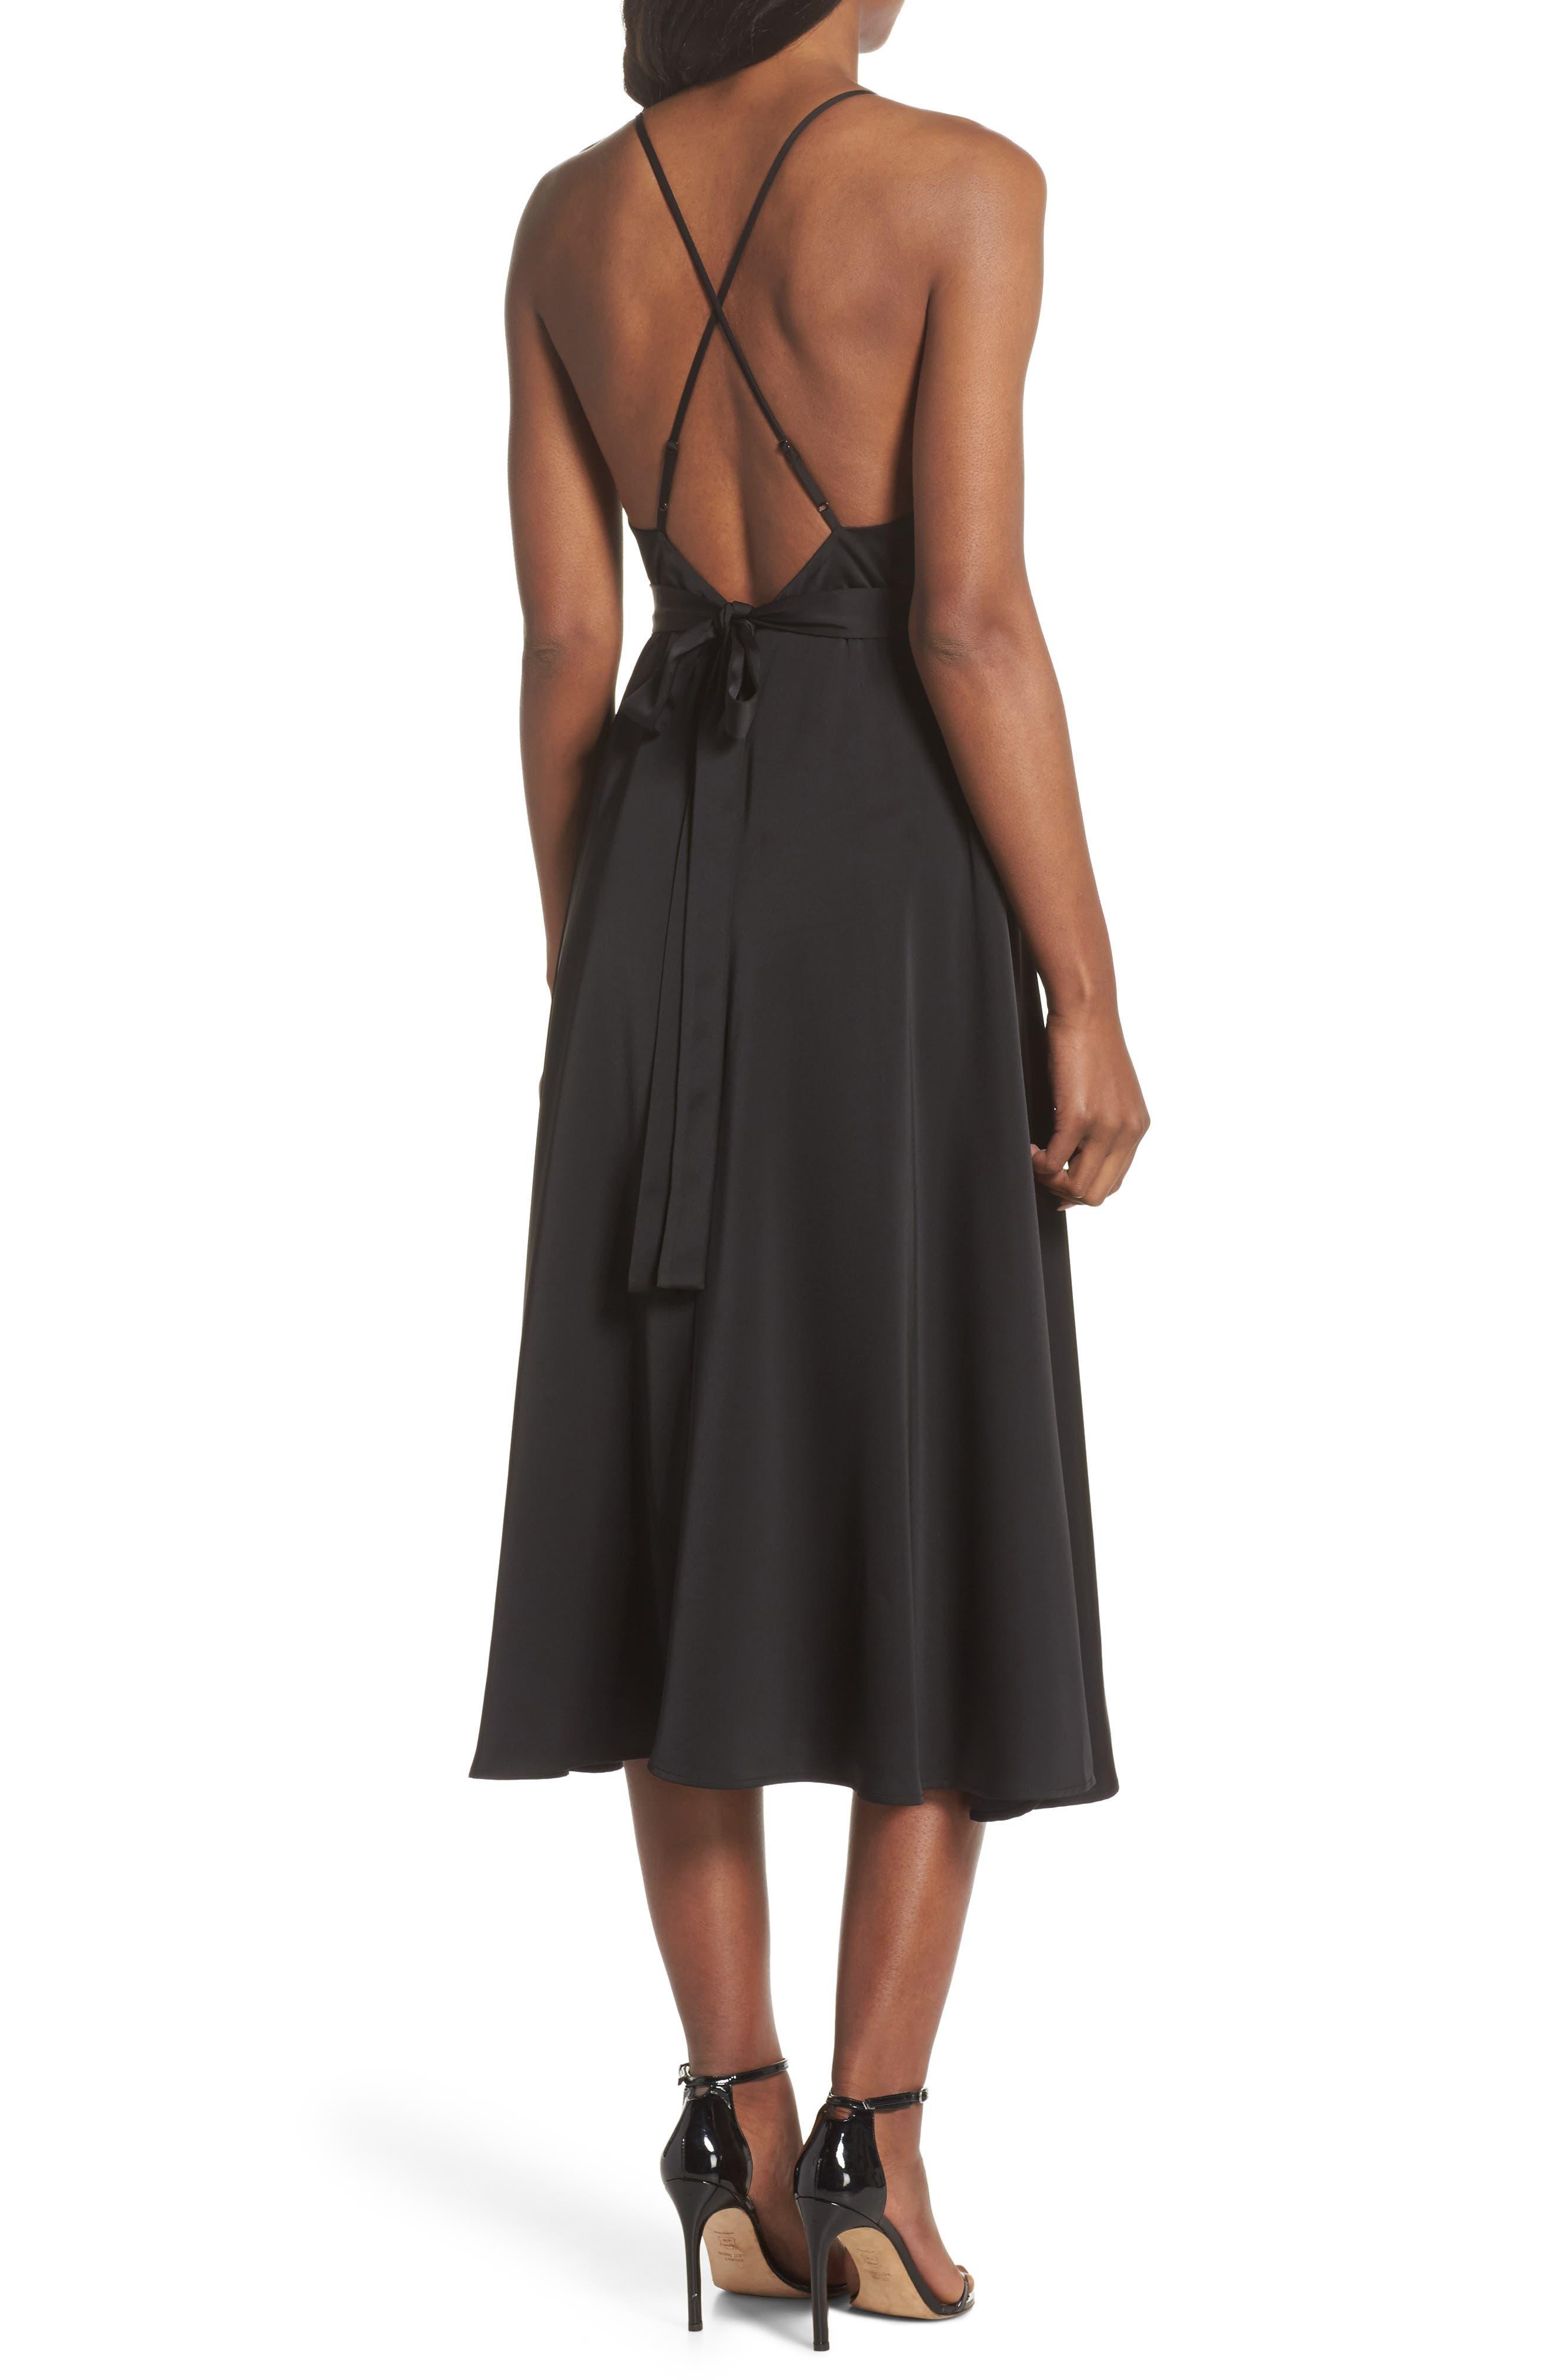 Rhea Floral Appliqué A-Line Dress,                             Alternate thumbnail 2, color,                             Black Multi